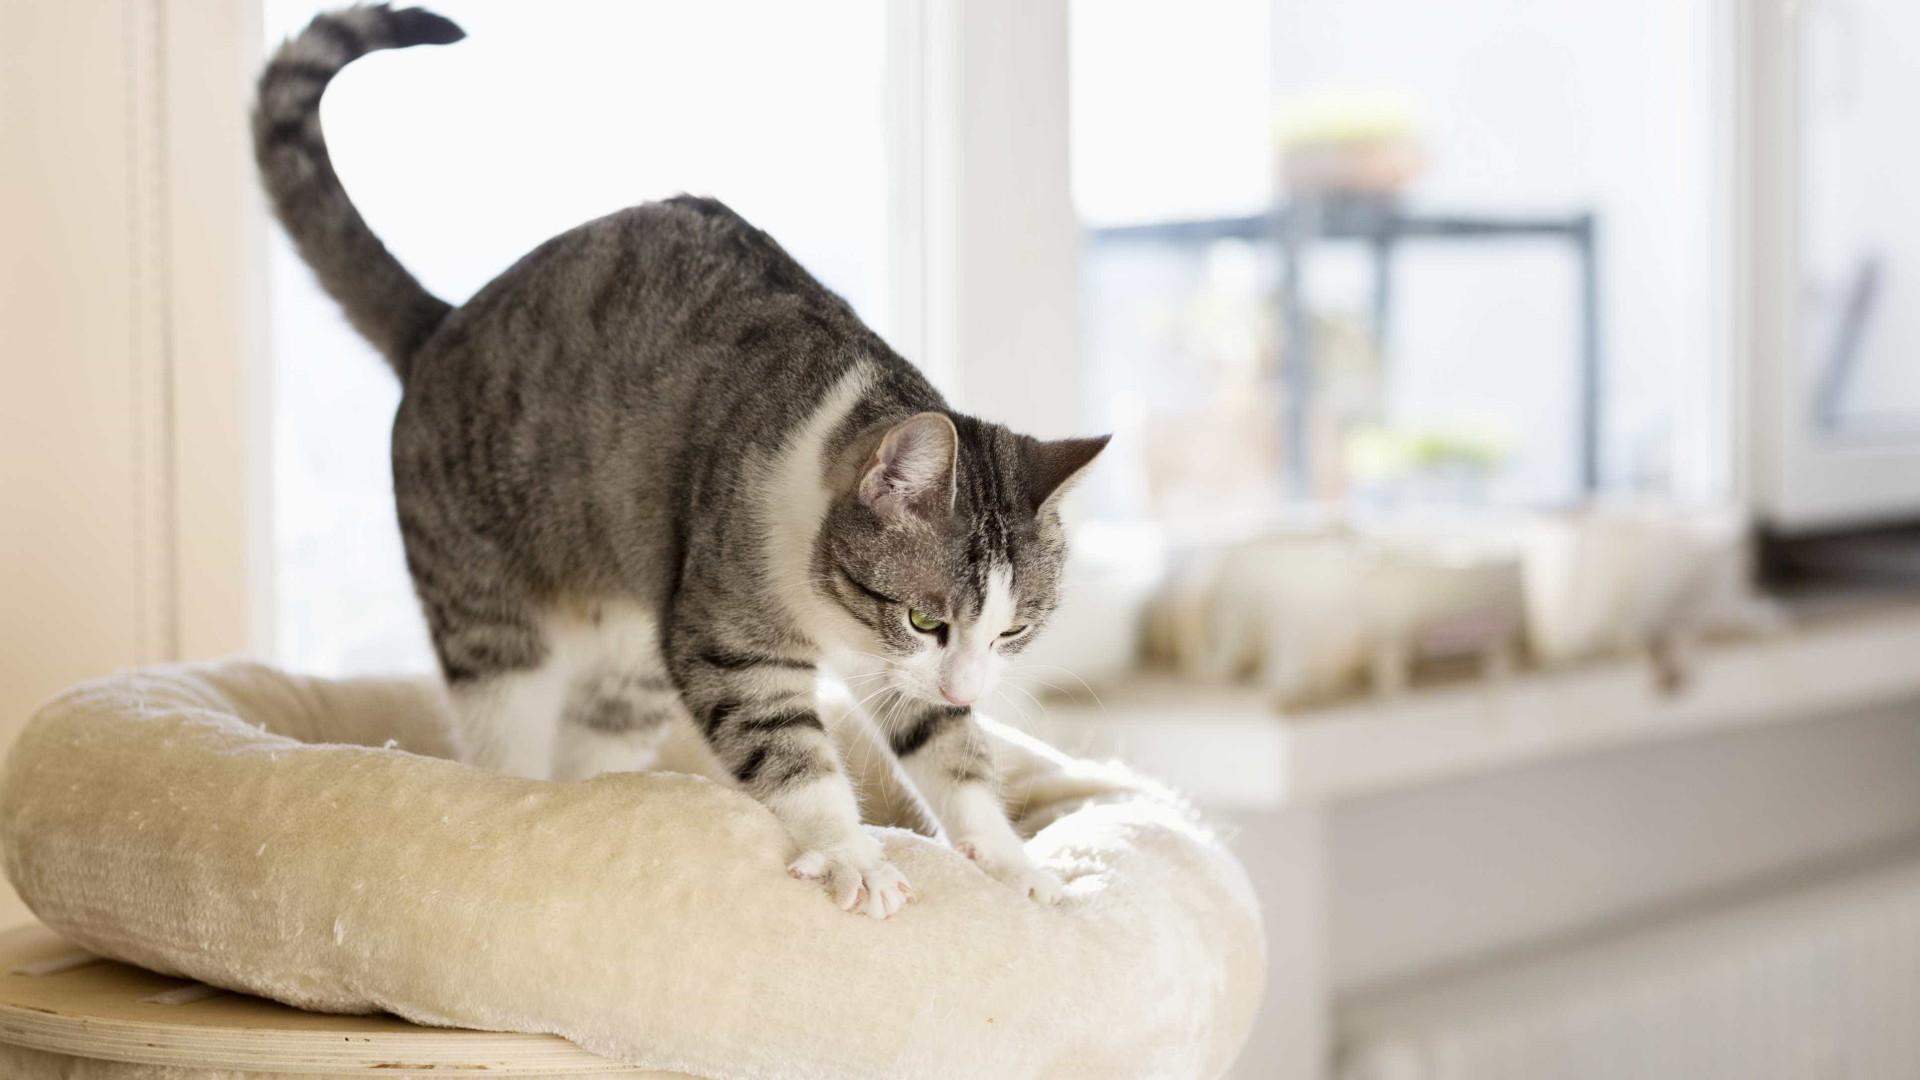 SABIA QUE os gatos esfregam o focinho para marcarem território?